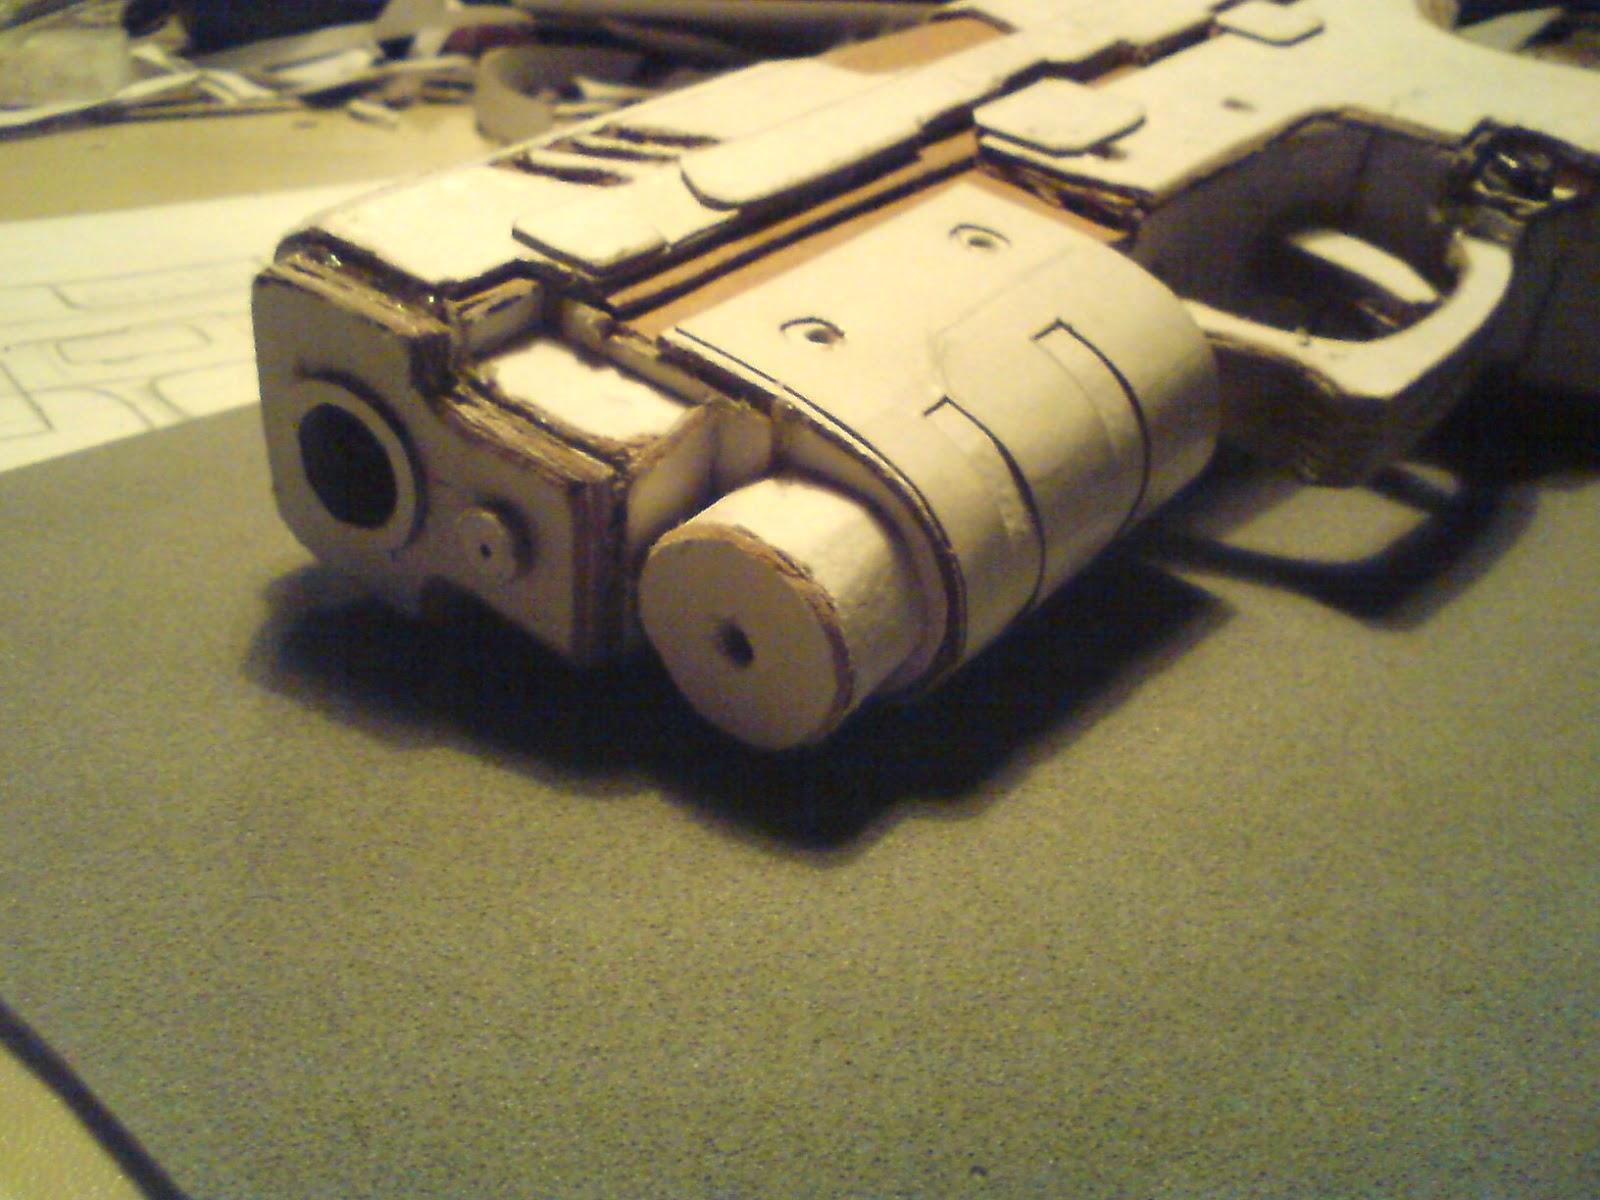 Pistola Blacktail - Resident Evil DSC04448